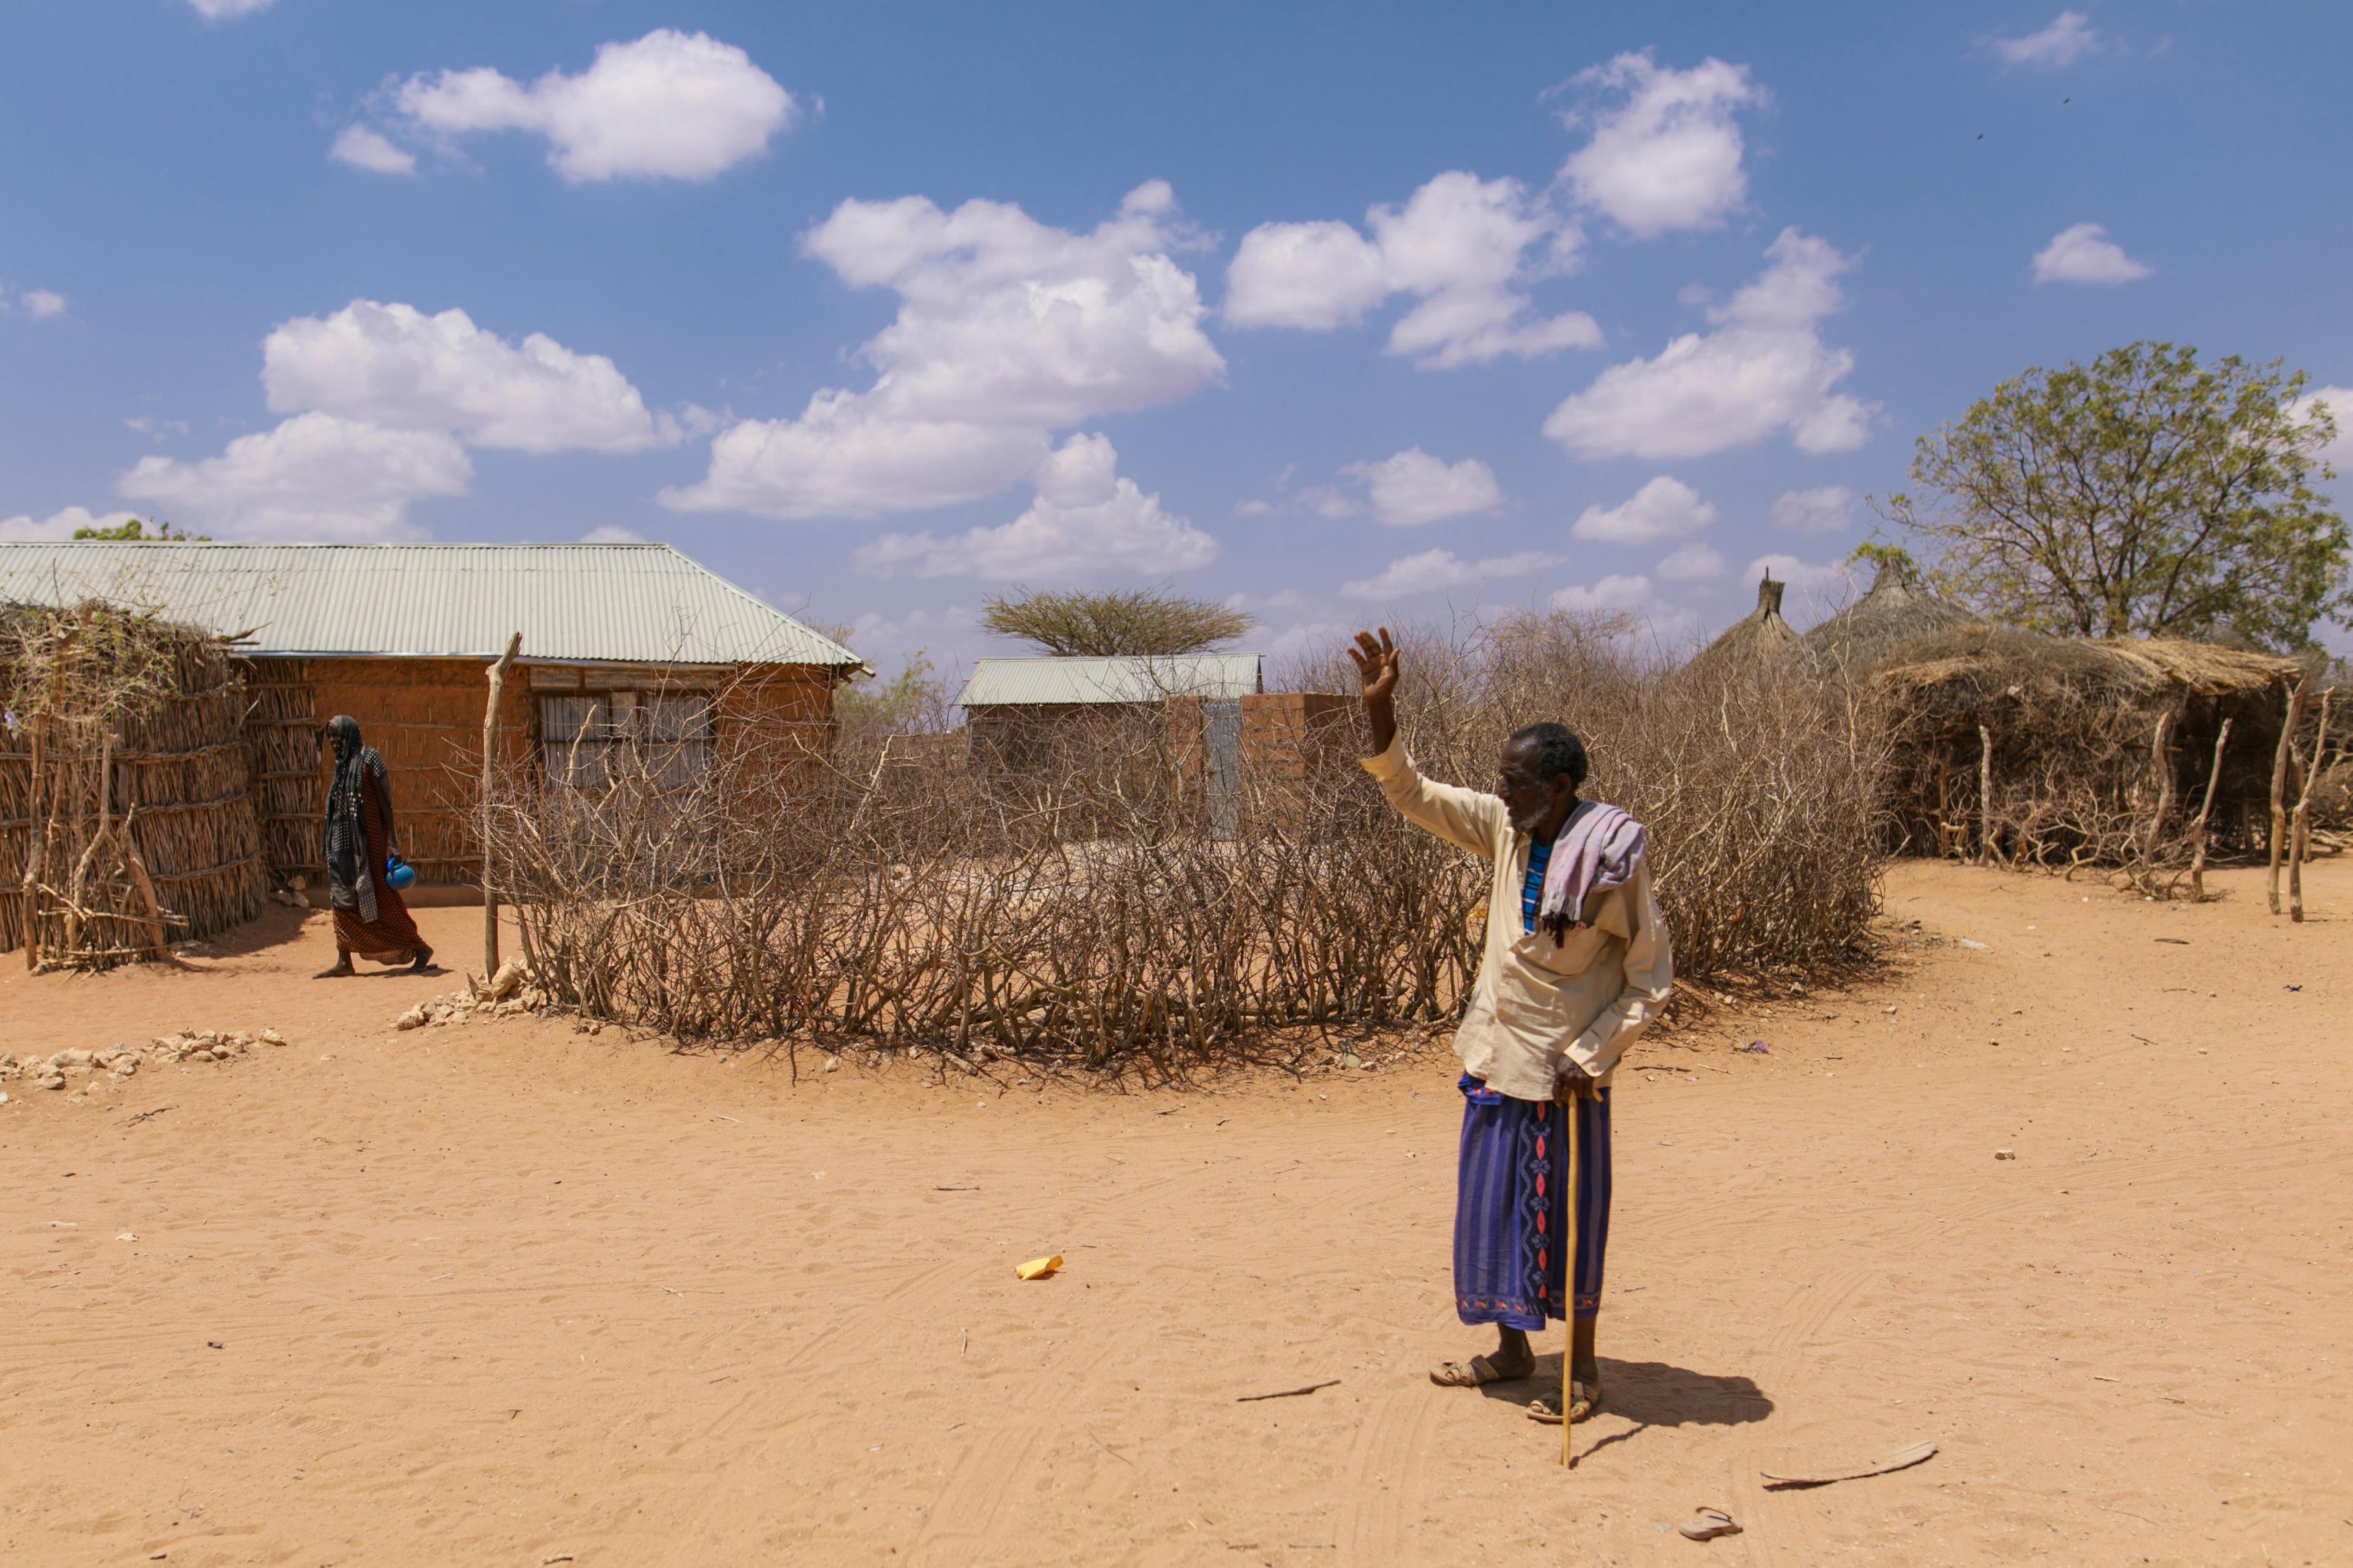 Dorf in der Somali-Region in Äthiopien, in dem sich wegen der anhaltenden Dürre Nomaden angesiedelt haben